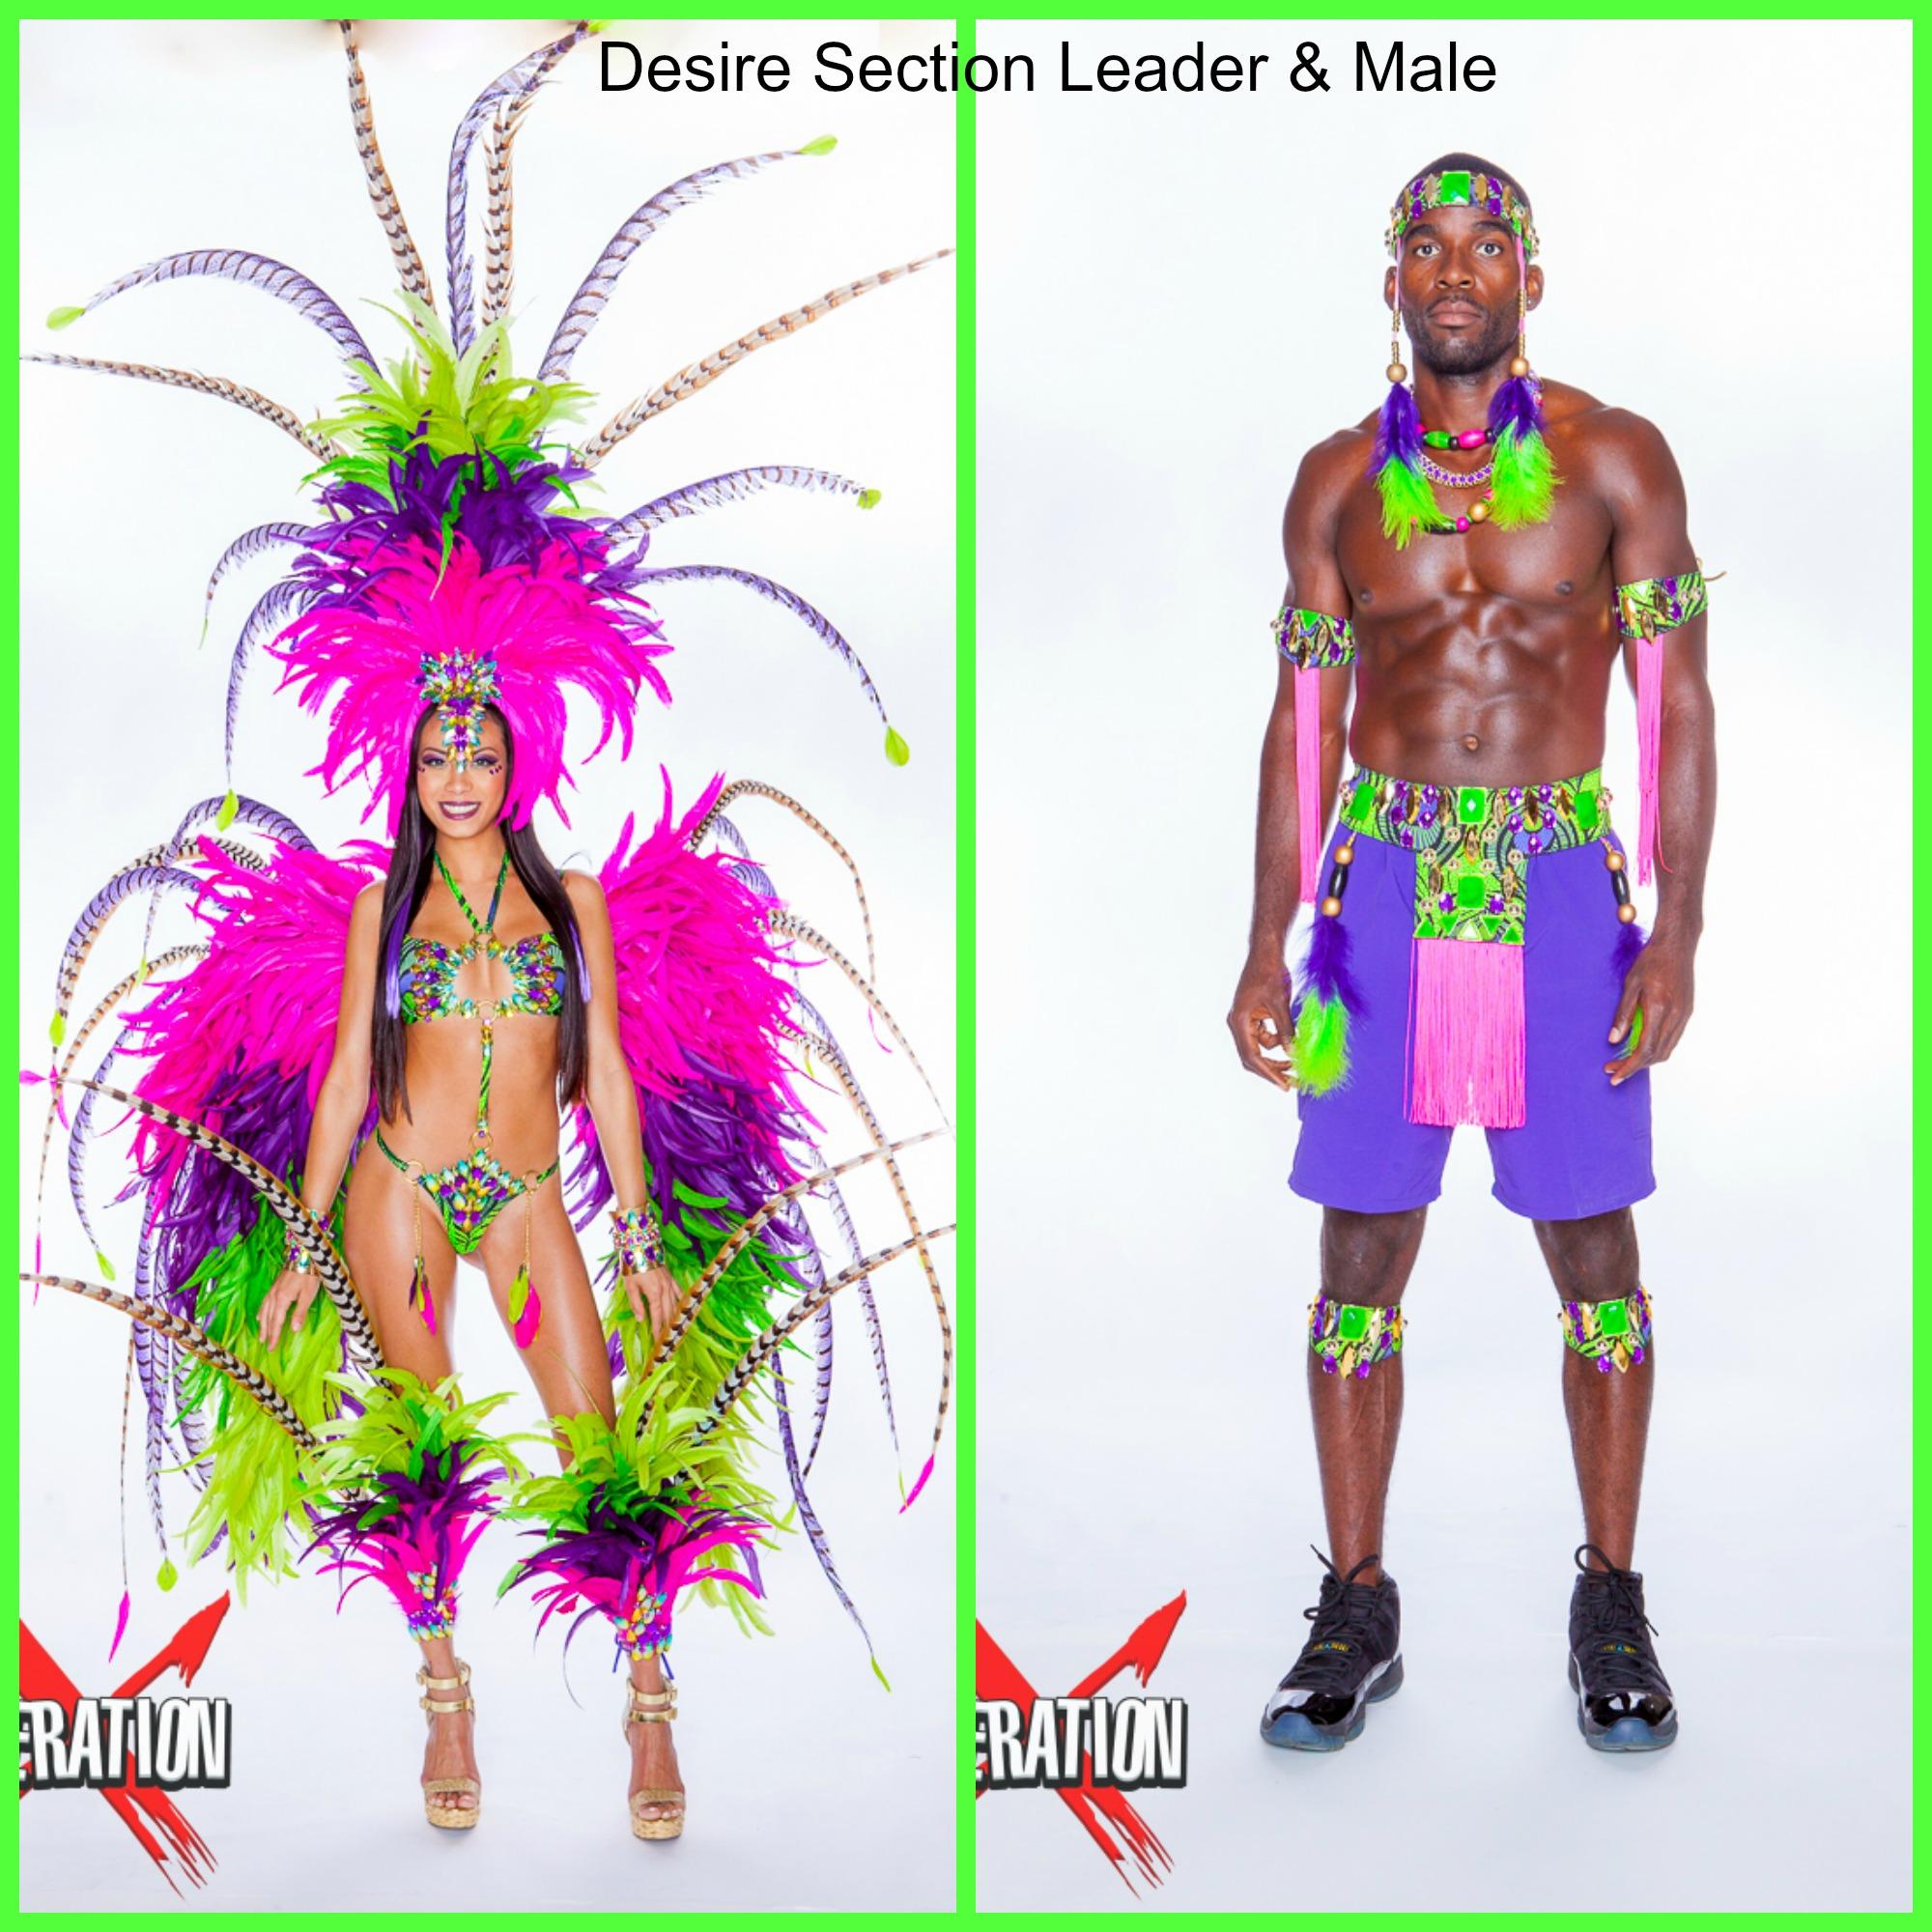 Desire SL & Male